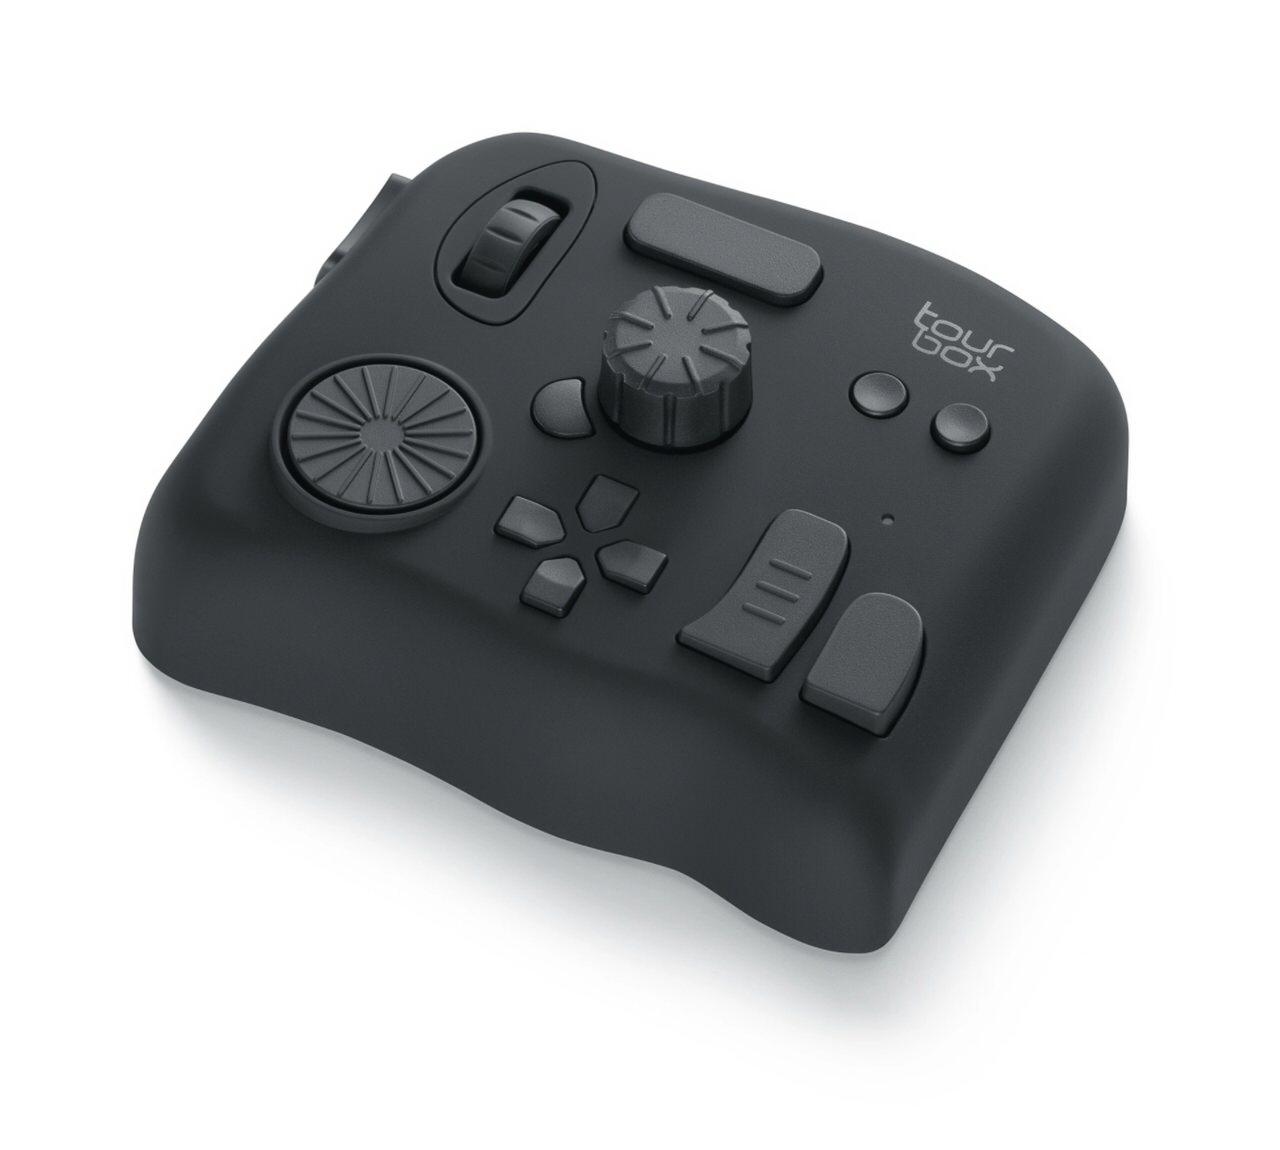 動画編集・画像編集を効率化するための左手用デバイス「TourBox」が2,000円オフの期間限定クーポン配布中